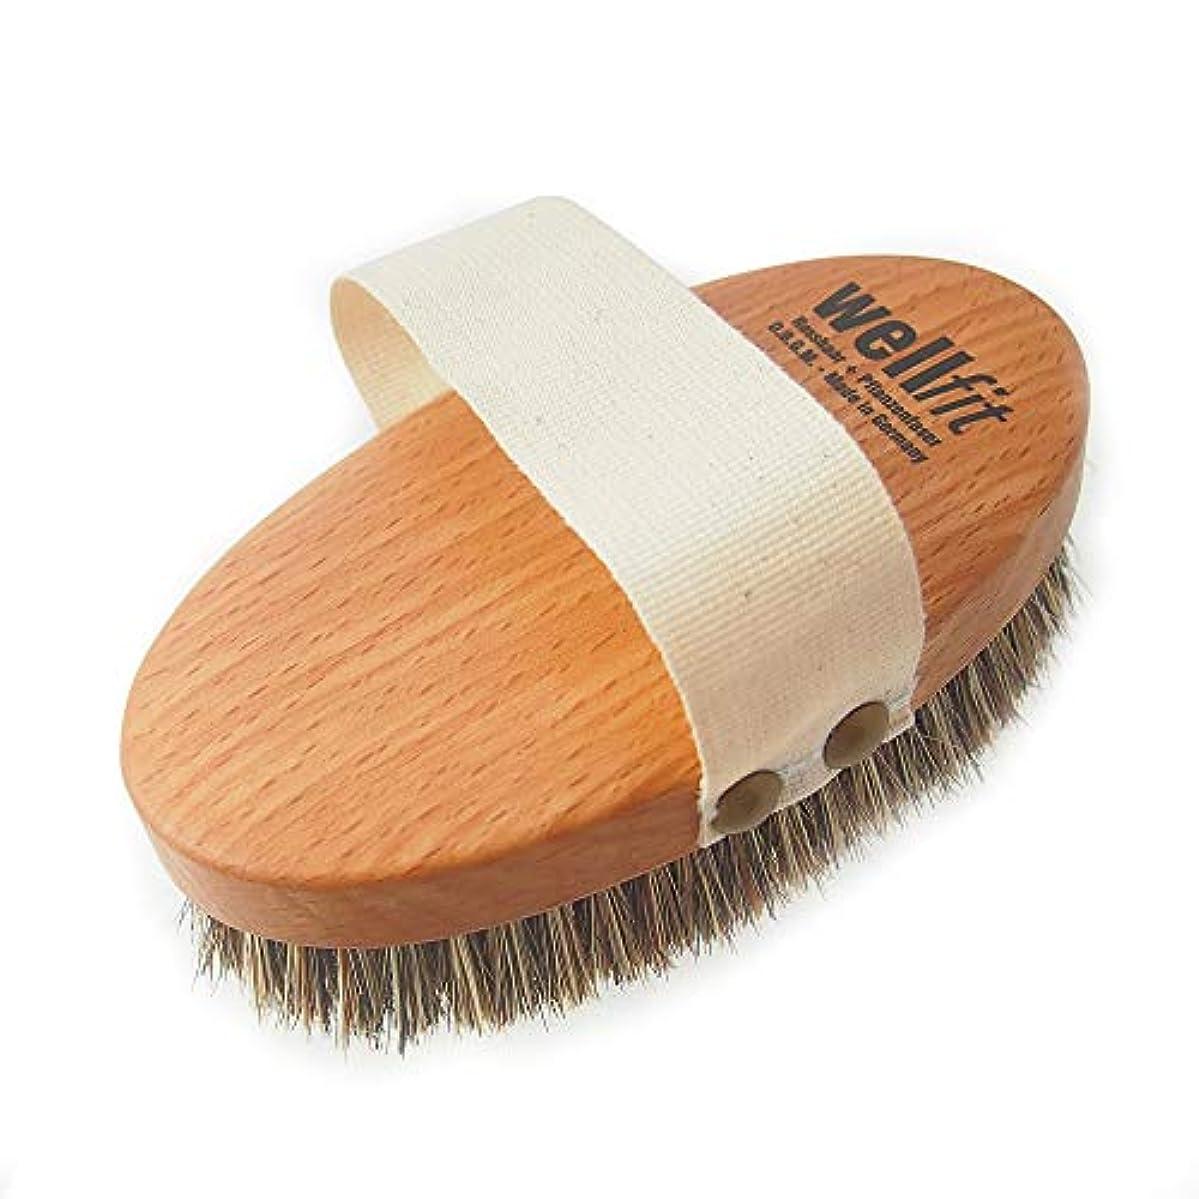 若いブランド名アイデアレデッカー Redecker マッサージブラシ(ミディアムハード 馬毛と植物毛の混毛植毛) 正規品